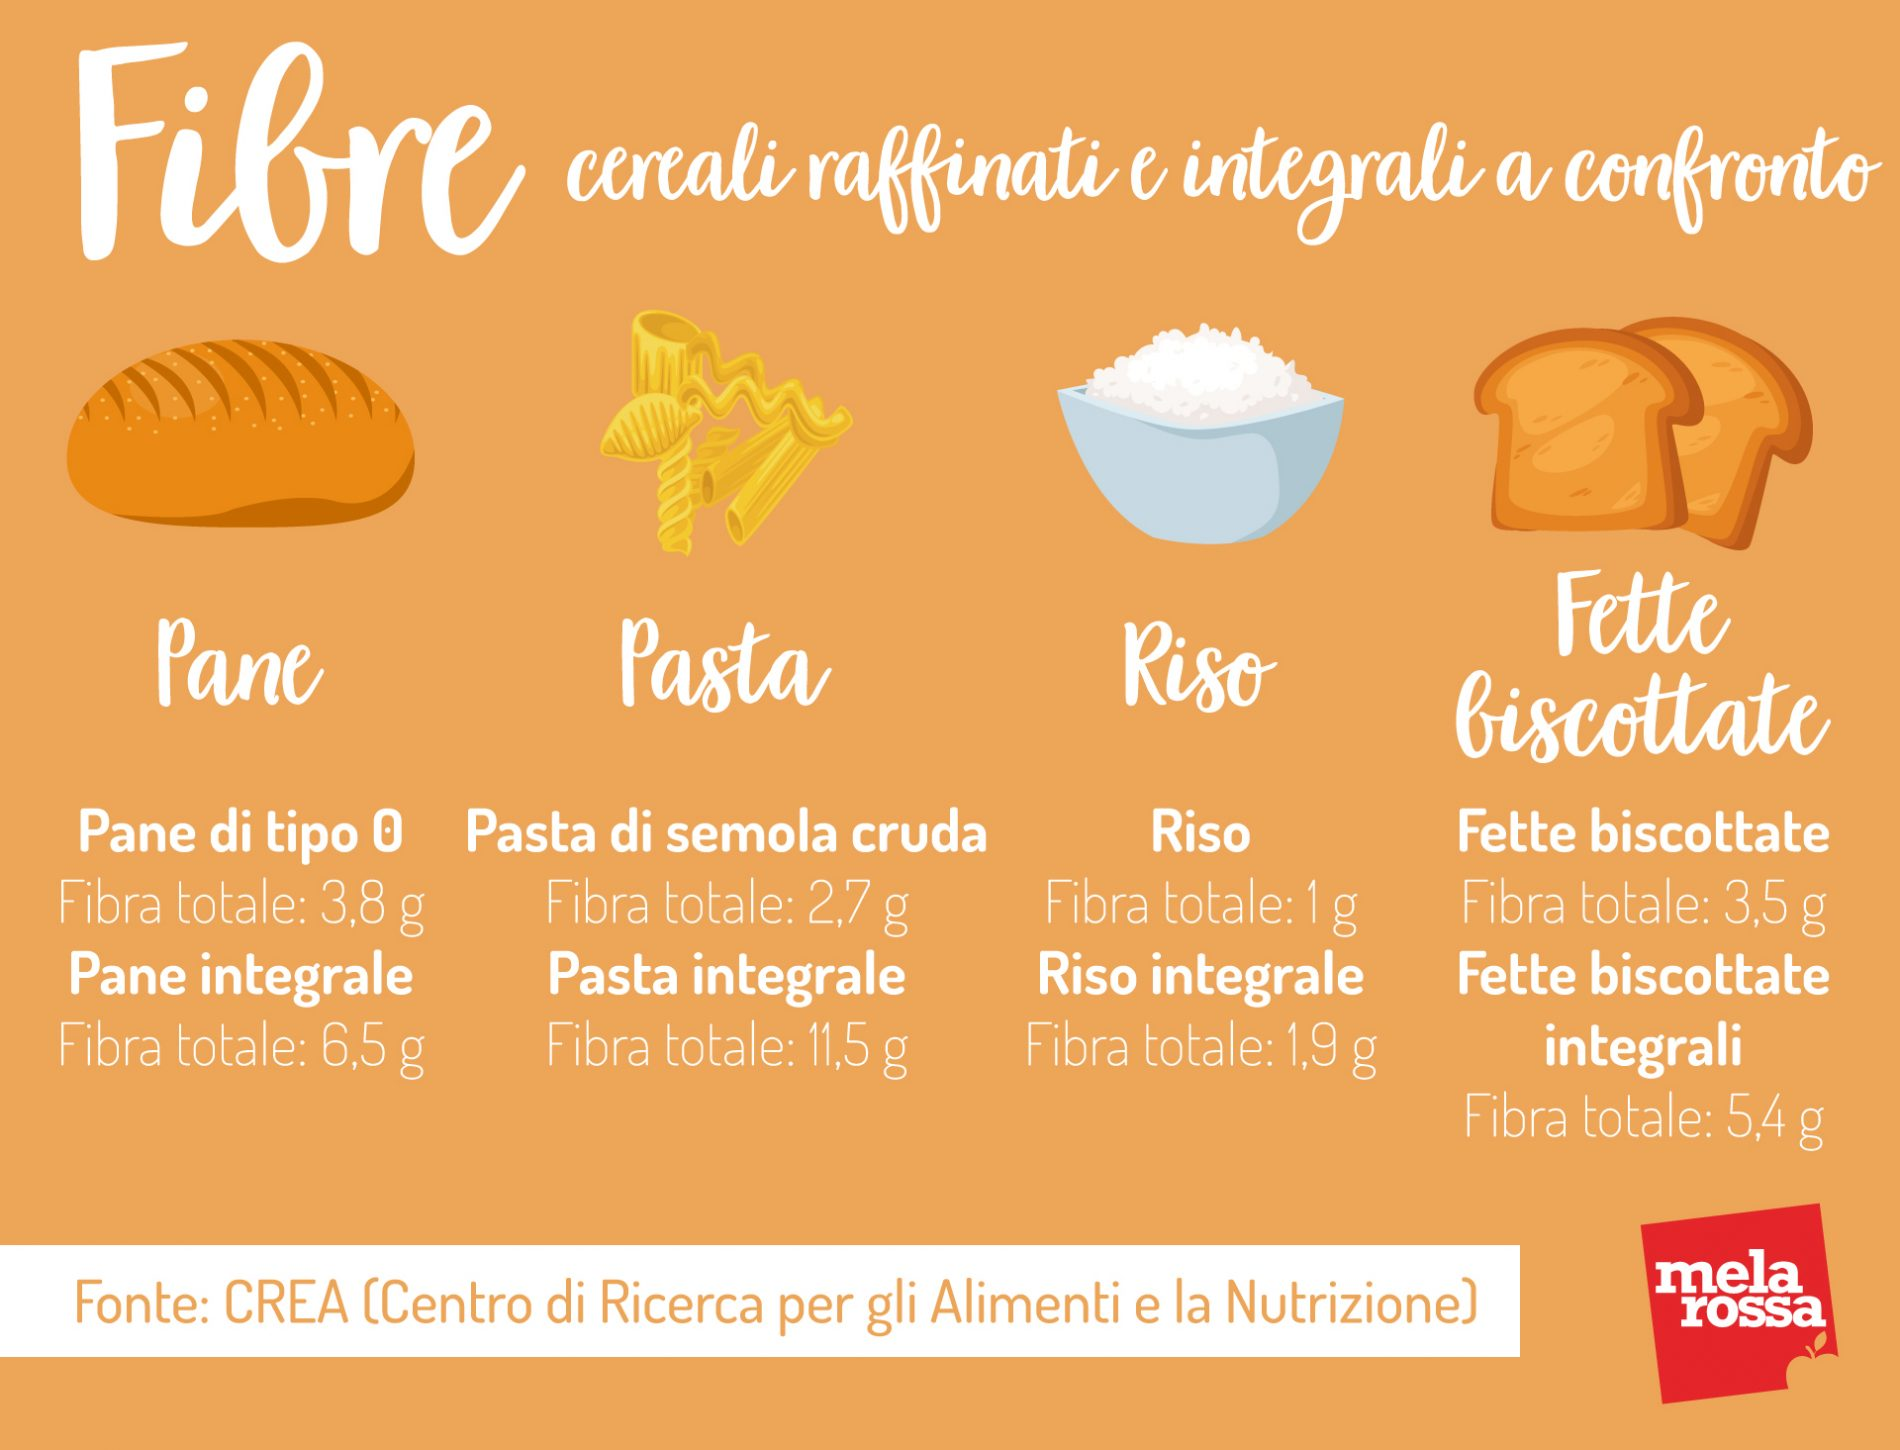 Cereali raffinati e integrali: contenuto di fibre